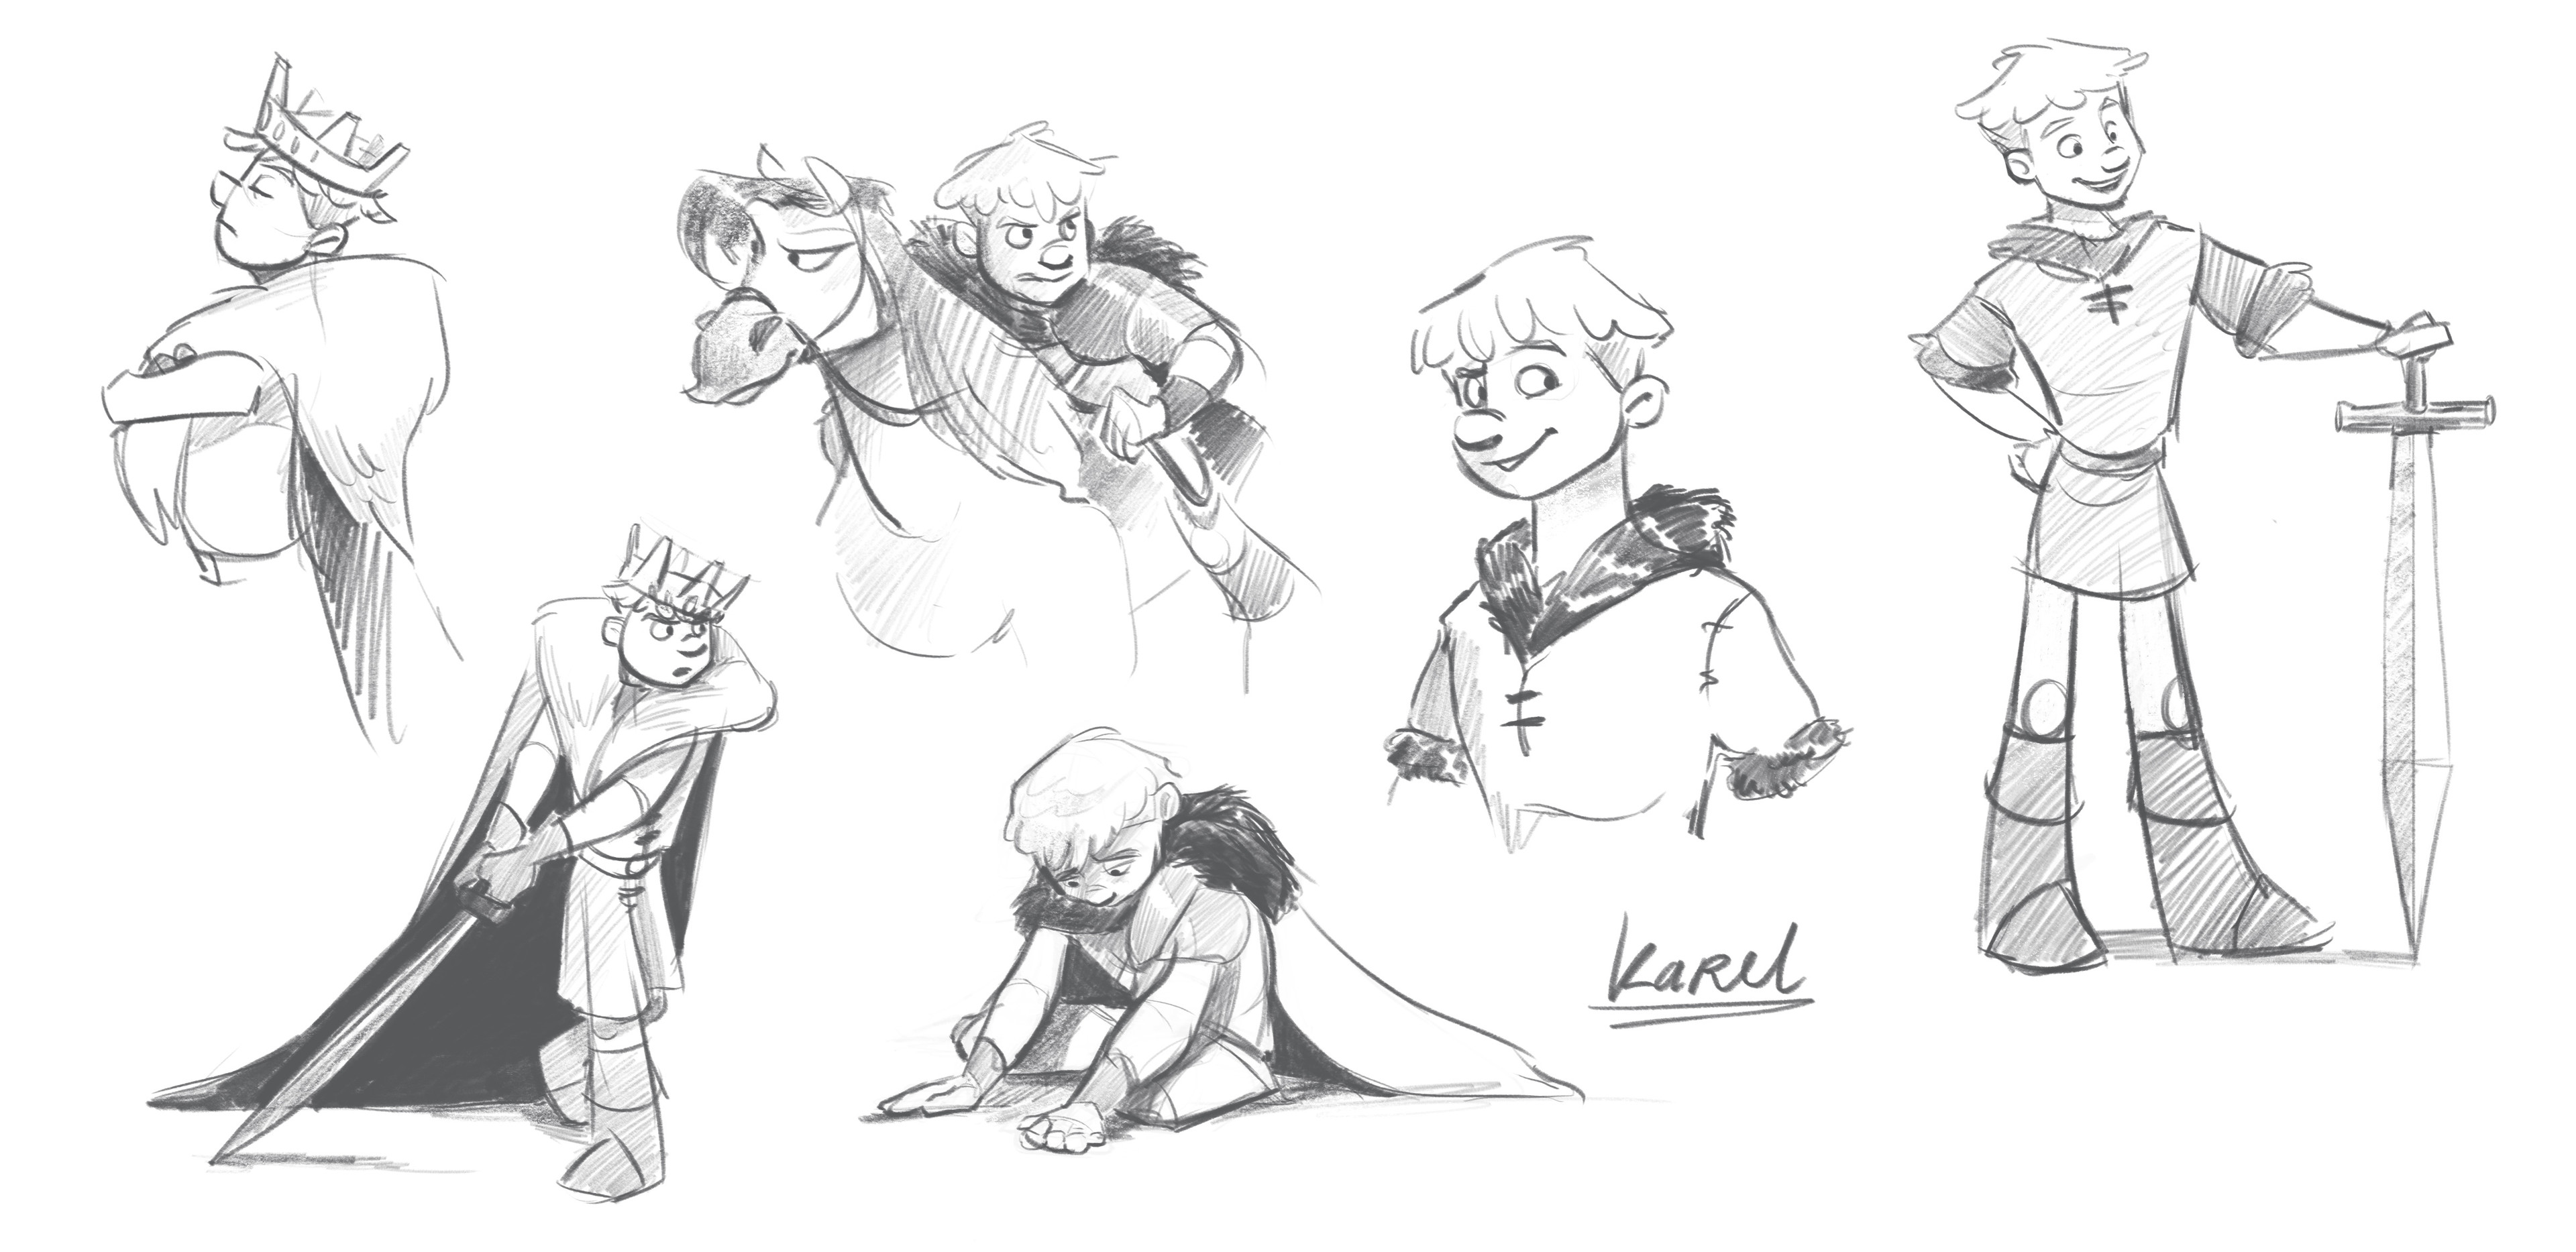 Karel Character Sheet